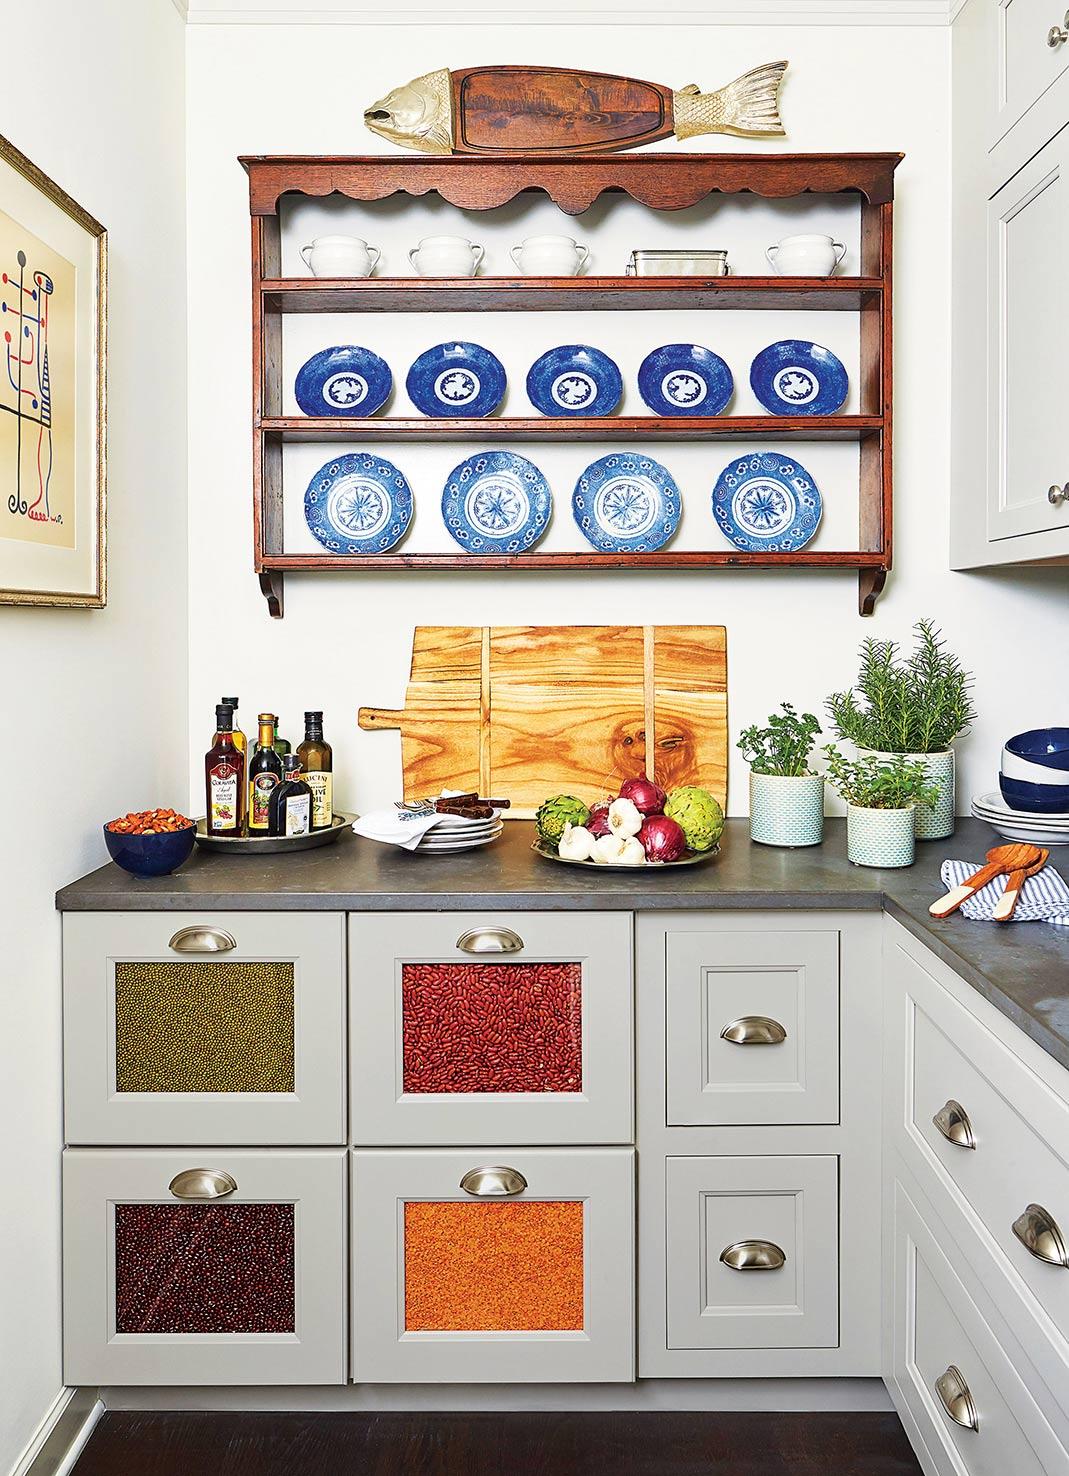 new-kitchen-cabinets.jpg